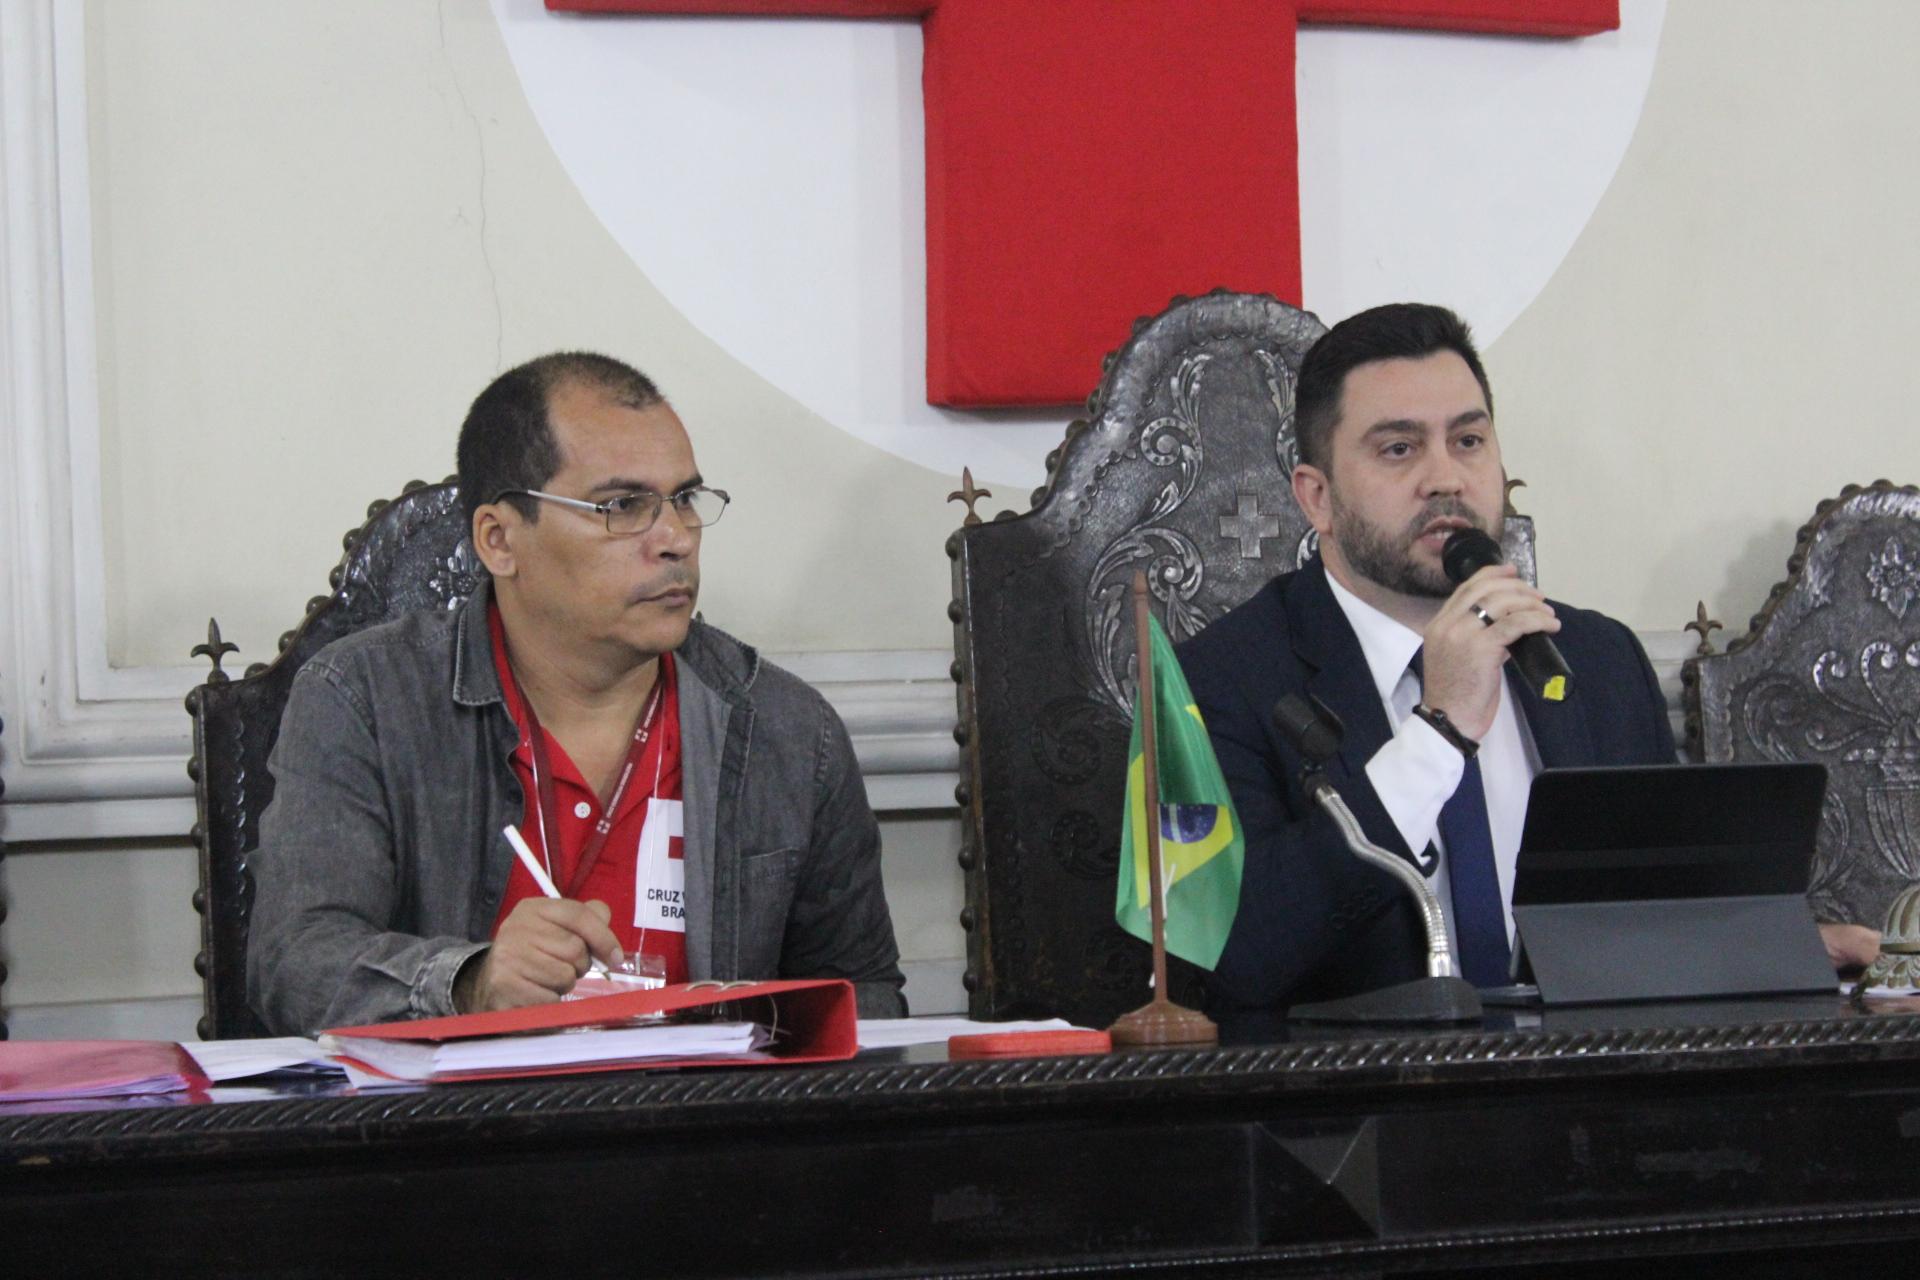 Cruz Vermelha Brasileira reúne presidentes e conselheiros nacionais em Assembleia Geral no Rio de Janeiro (1)